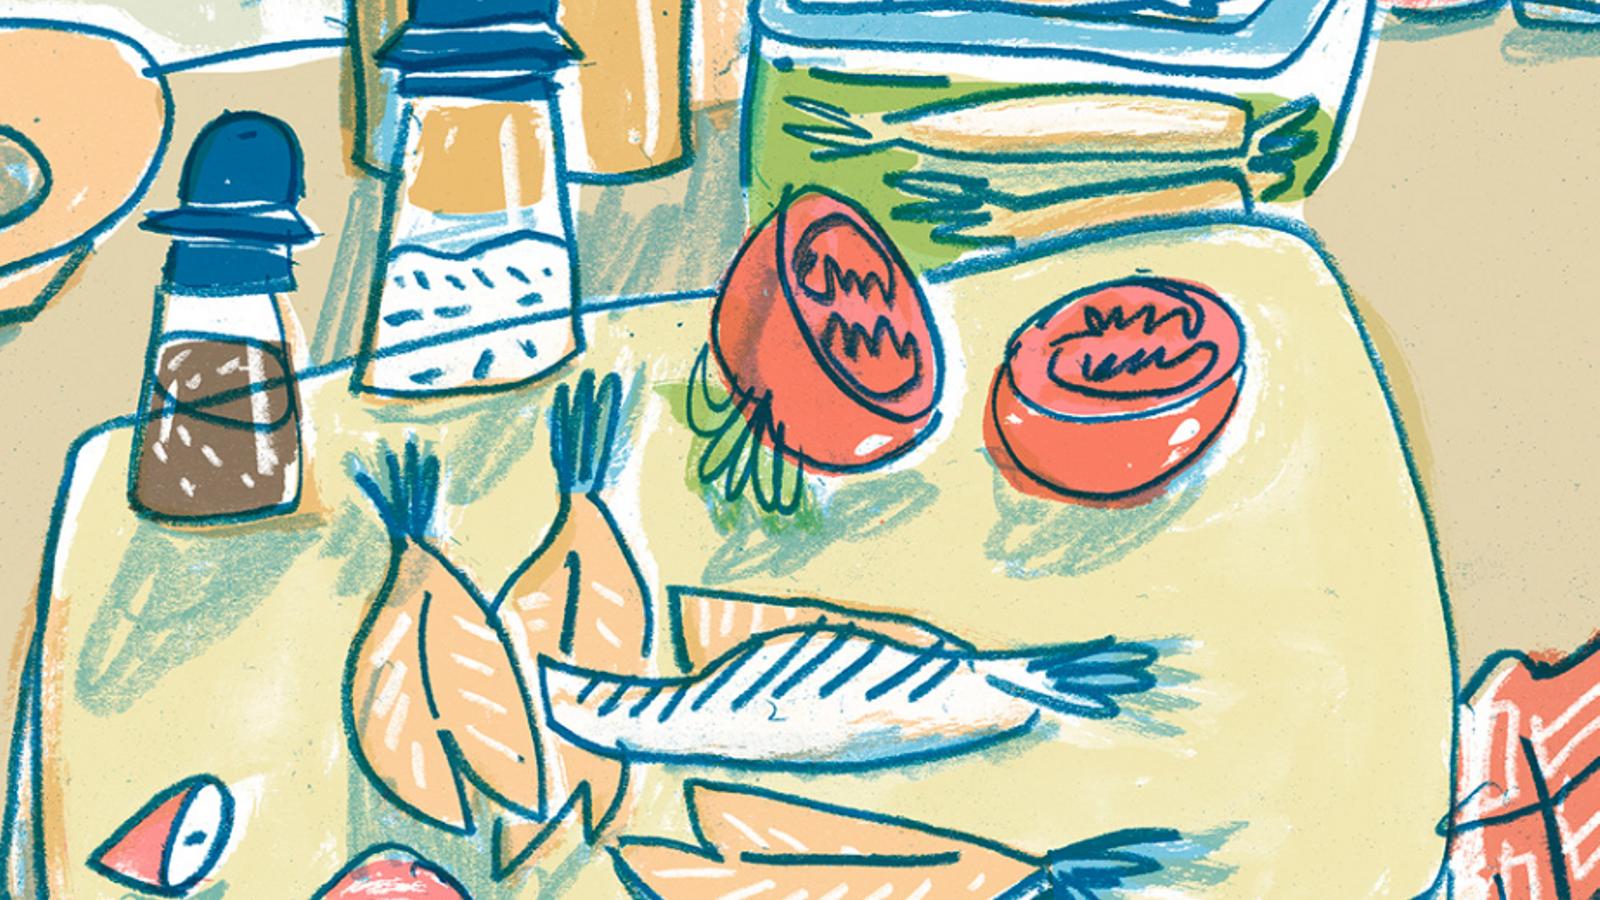 Menges de temporada? Descobreix si et cuides a tu i als nostres pagesos i pescadors amb els aliments que tries consumir